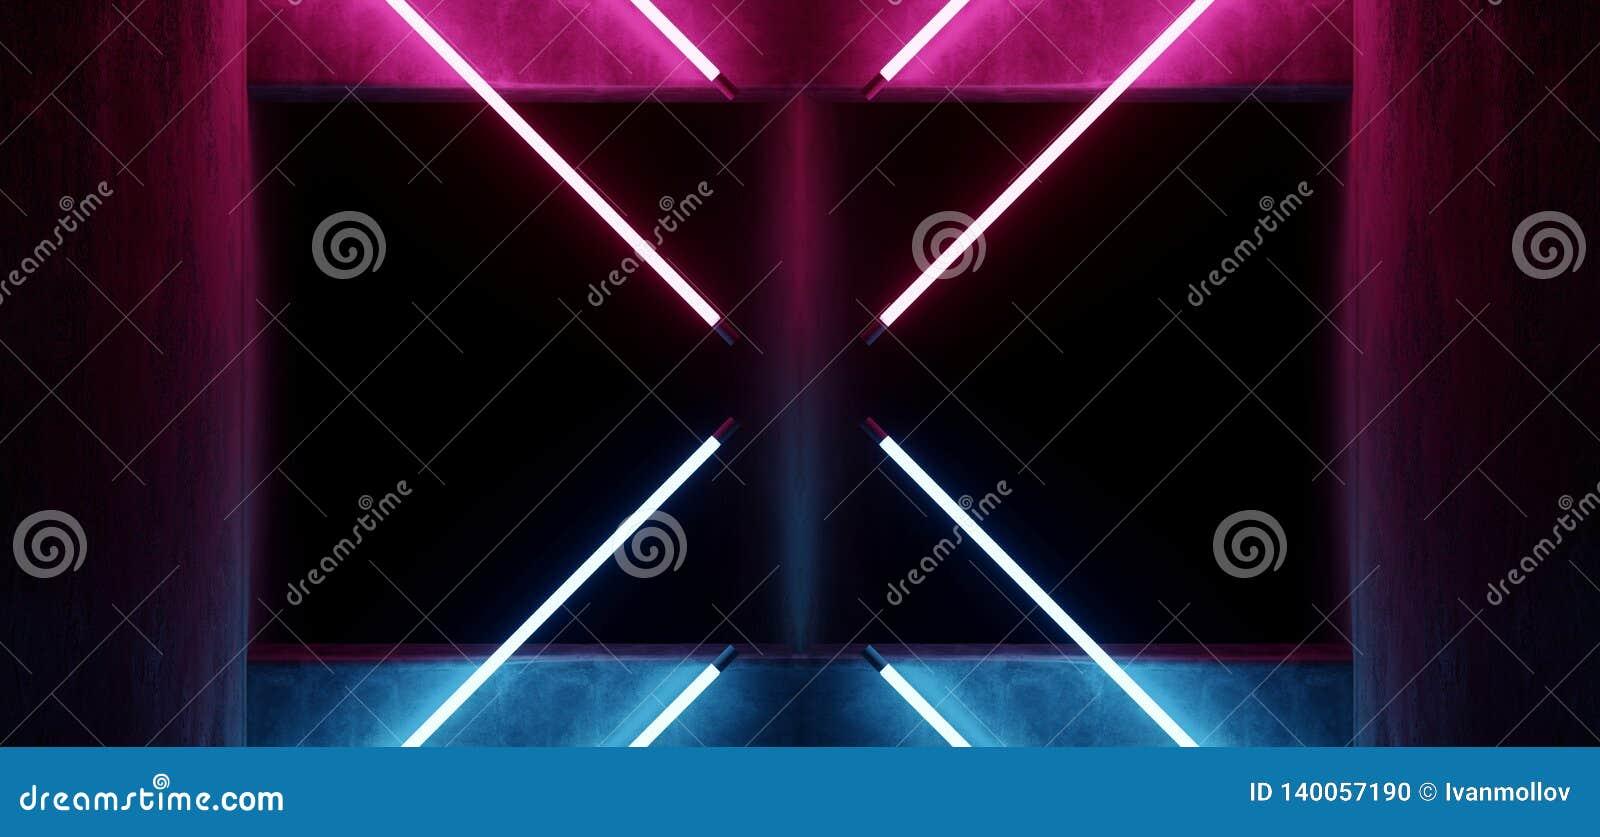 Sc.i-het Neon van FI Moderne Futuristische het Gloeien Driehoek Gestalte gegeven Purpere Blauwe het Gloeien Buislichten met Lege